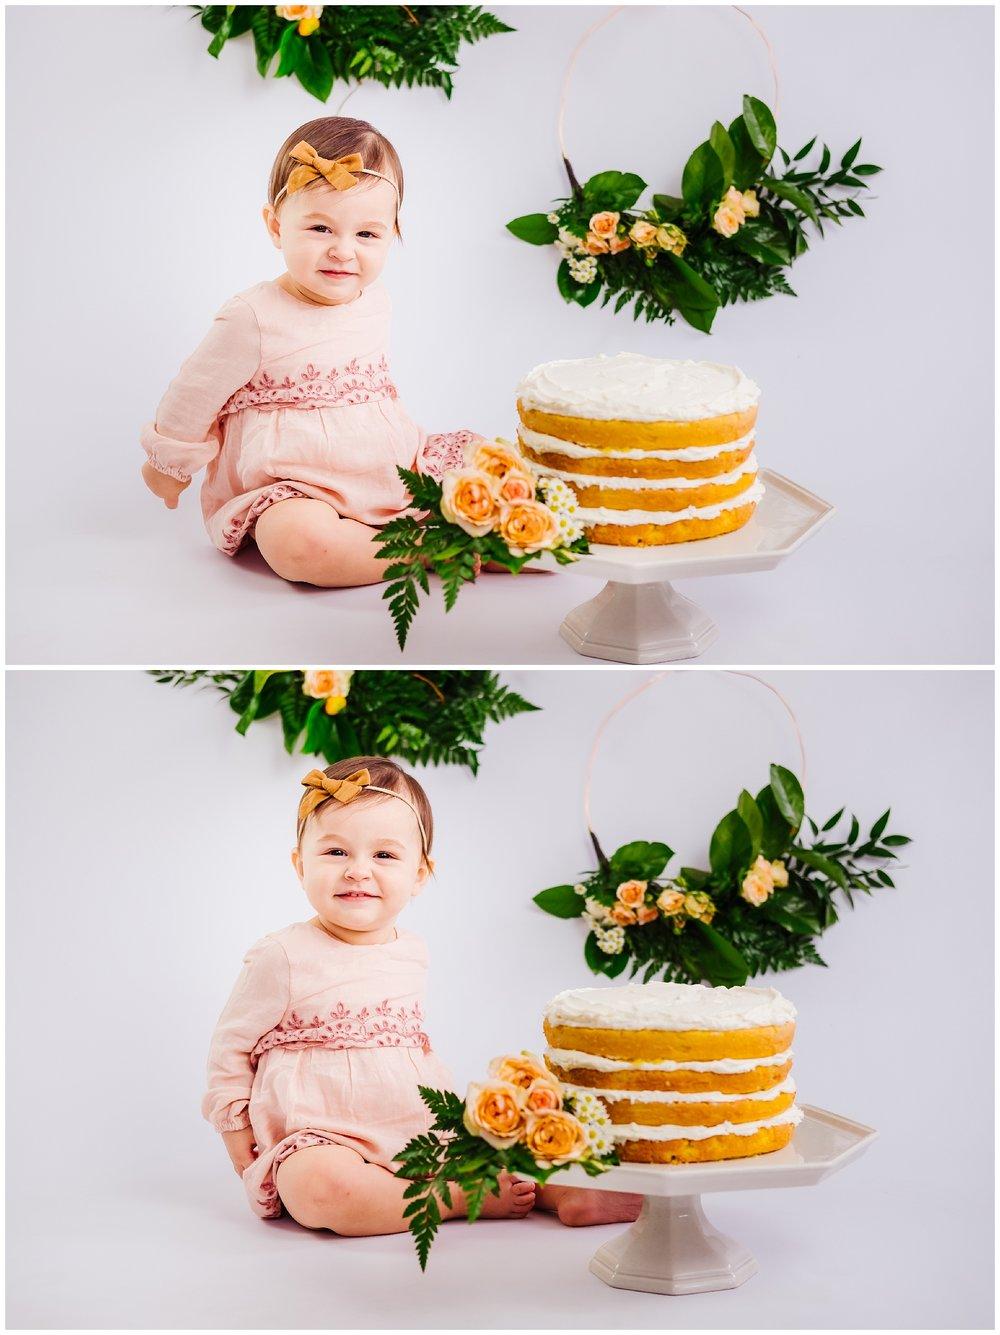 tampa-studio-portrait-photographer-seminole-heights-one-year-cake-smash-baby-boho_0002.jpg